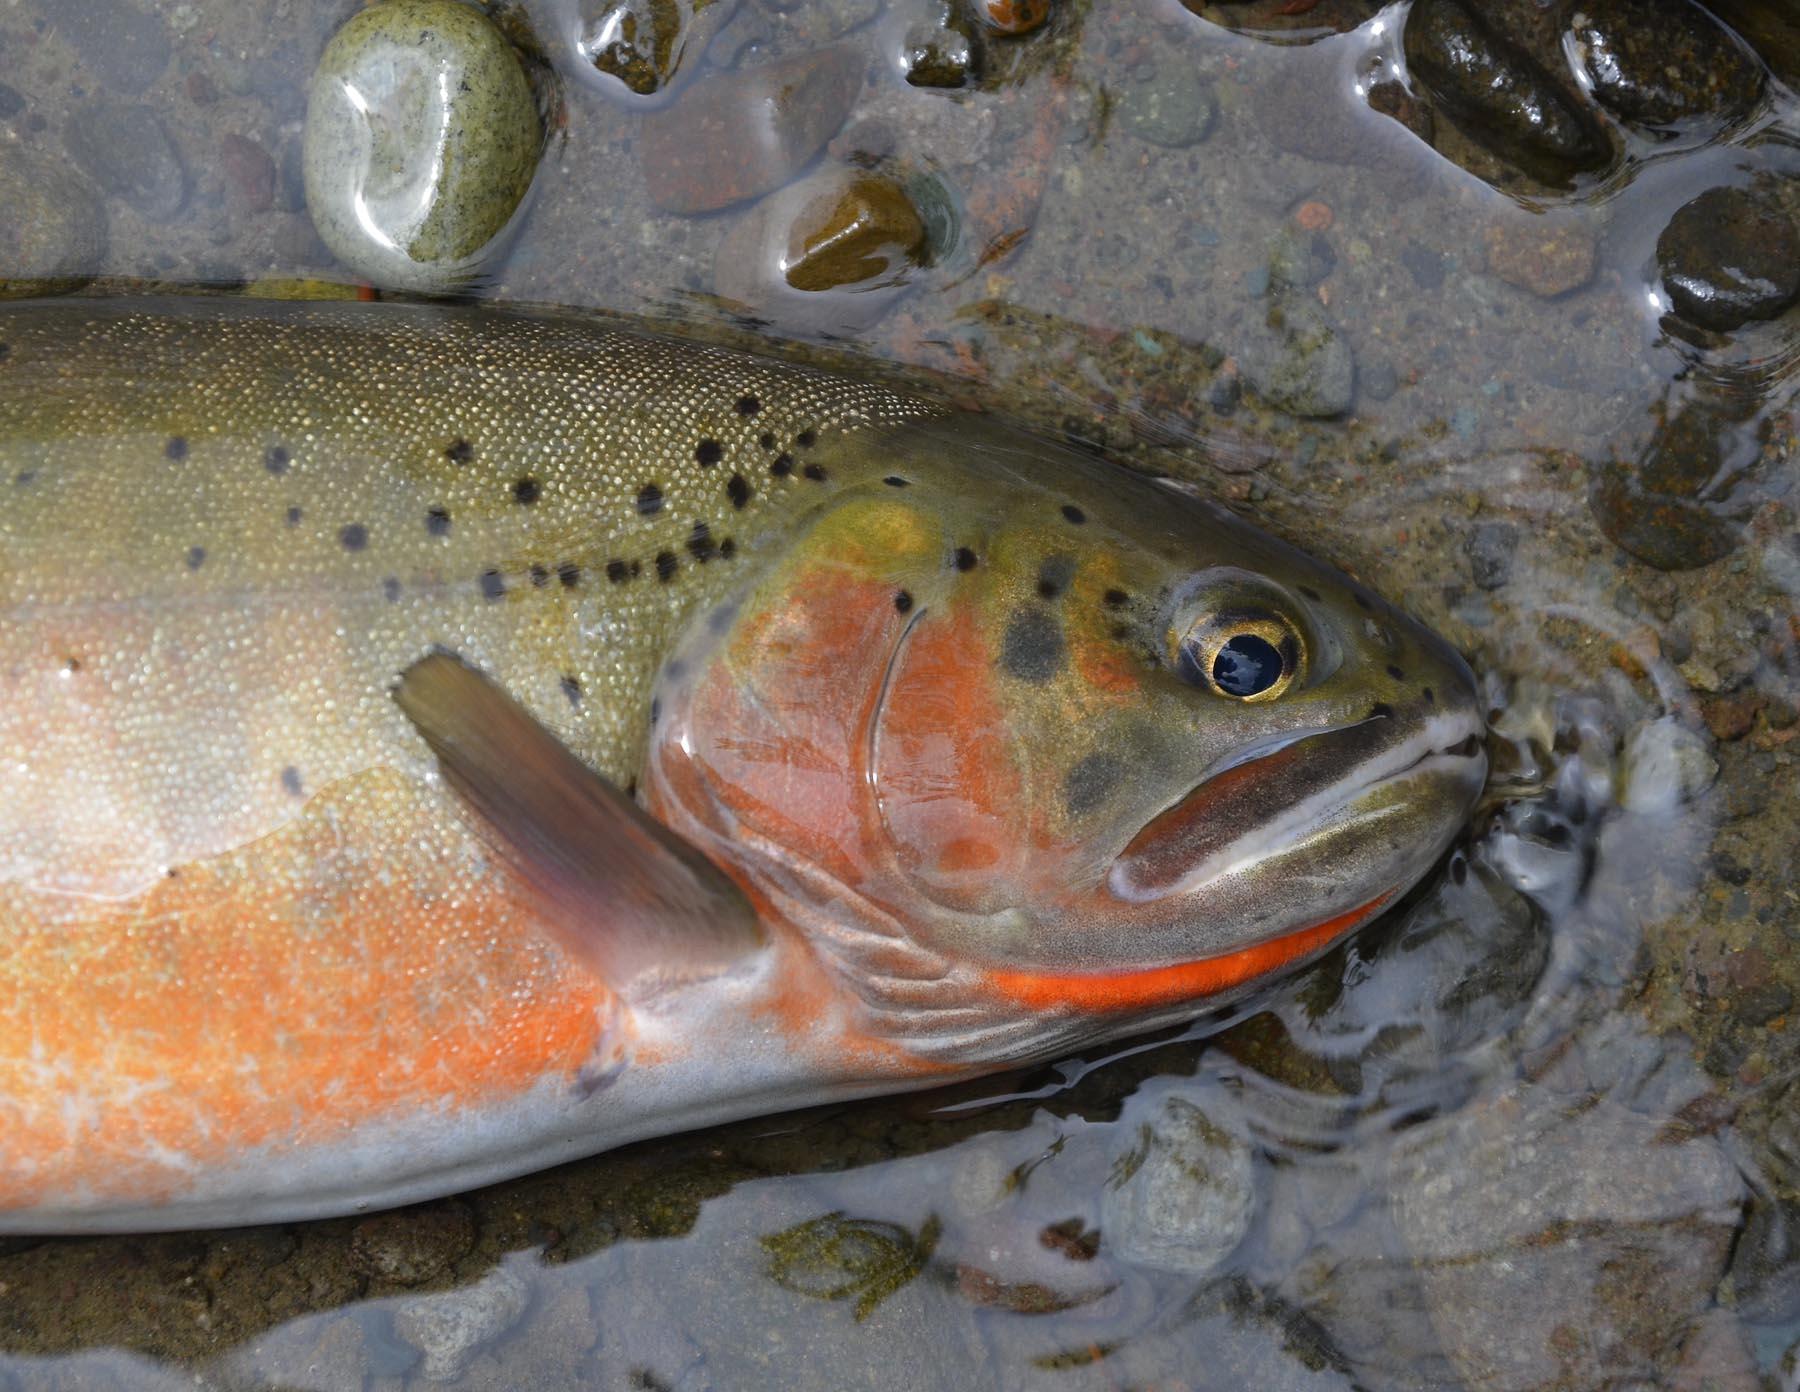 Rio Grande Cutthroat TU 122712.jpg